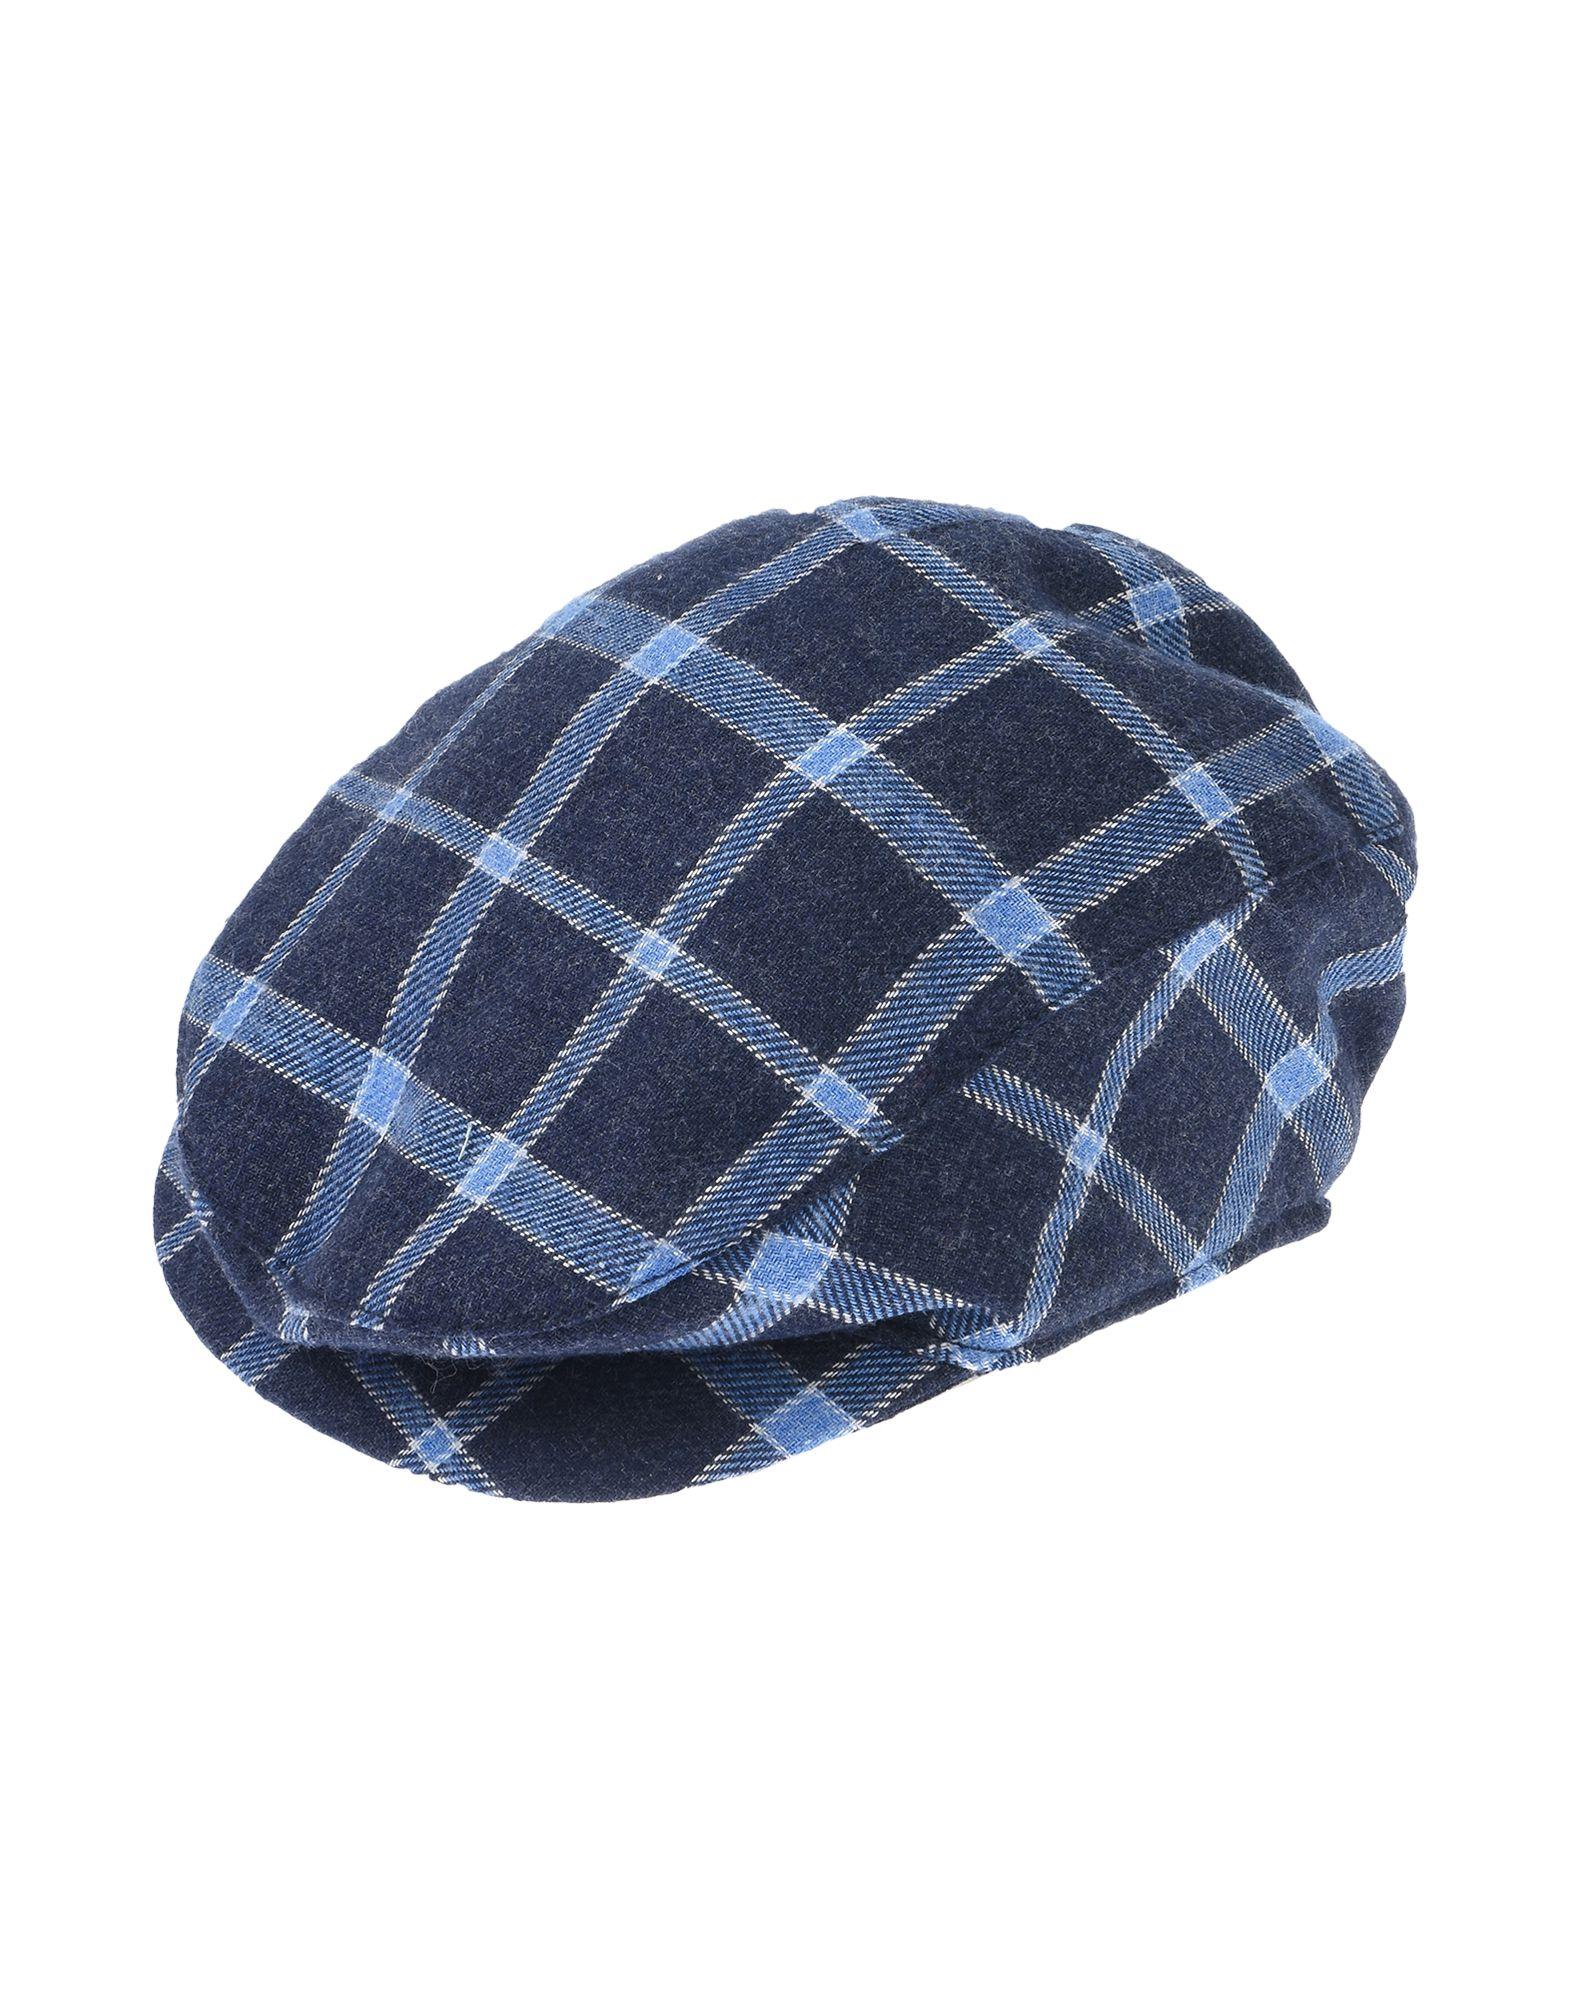 《セール開催中》ALETTA ボーイズ 0-24 ヶ月 帽子 ダークブルー 1 コットン 60% / PES - ポリエーテルサルフォン 40%